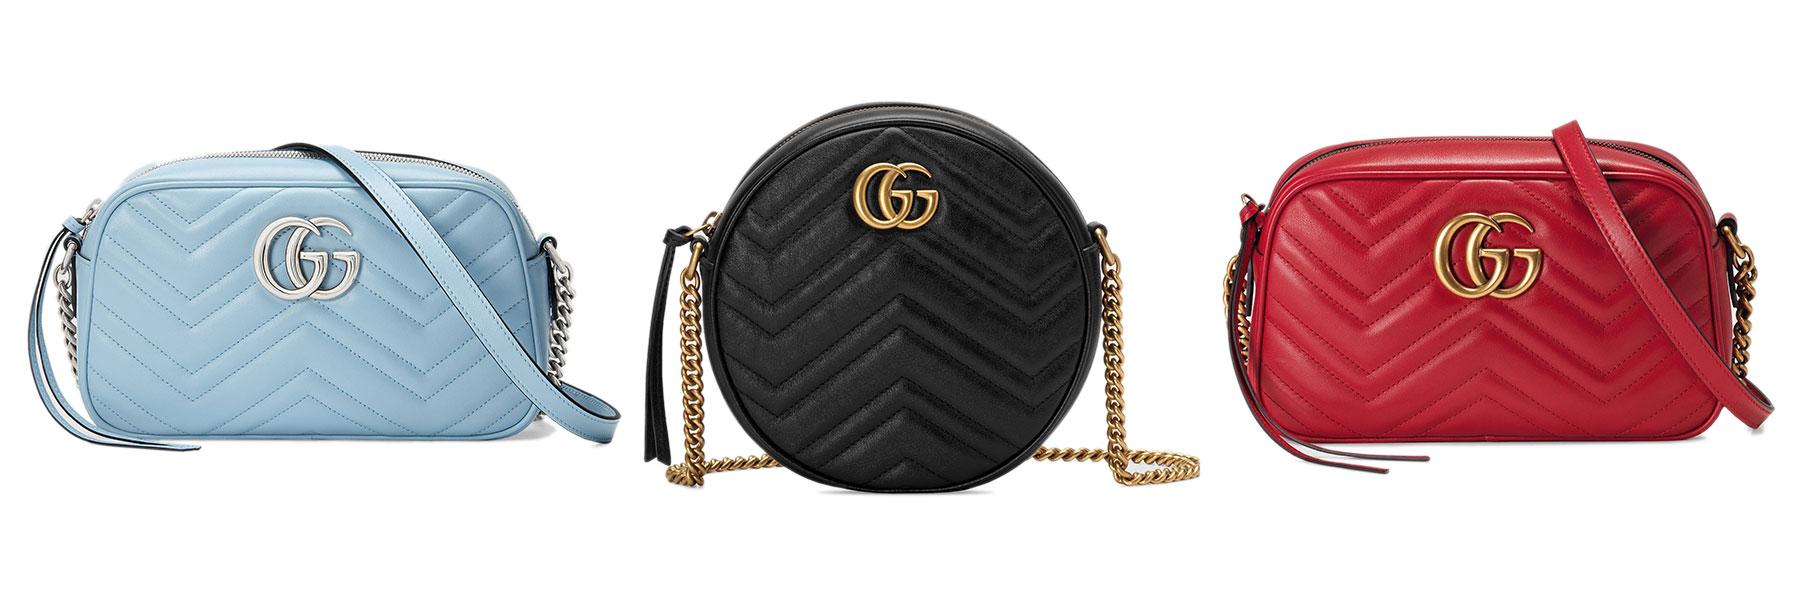 Có nên đầu tư mua túi Gucci GG Marmont? | Review 4